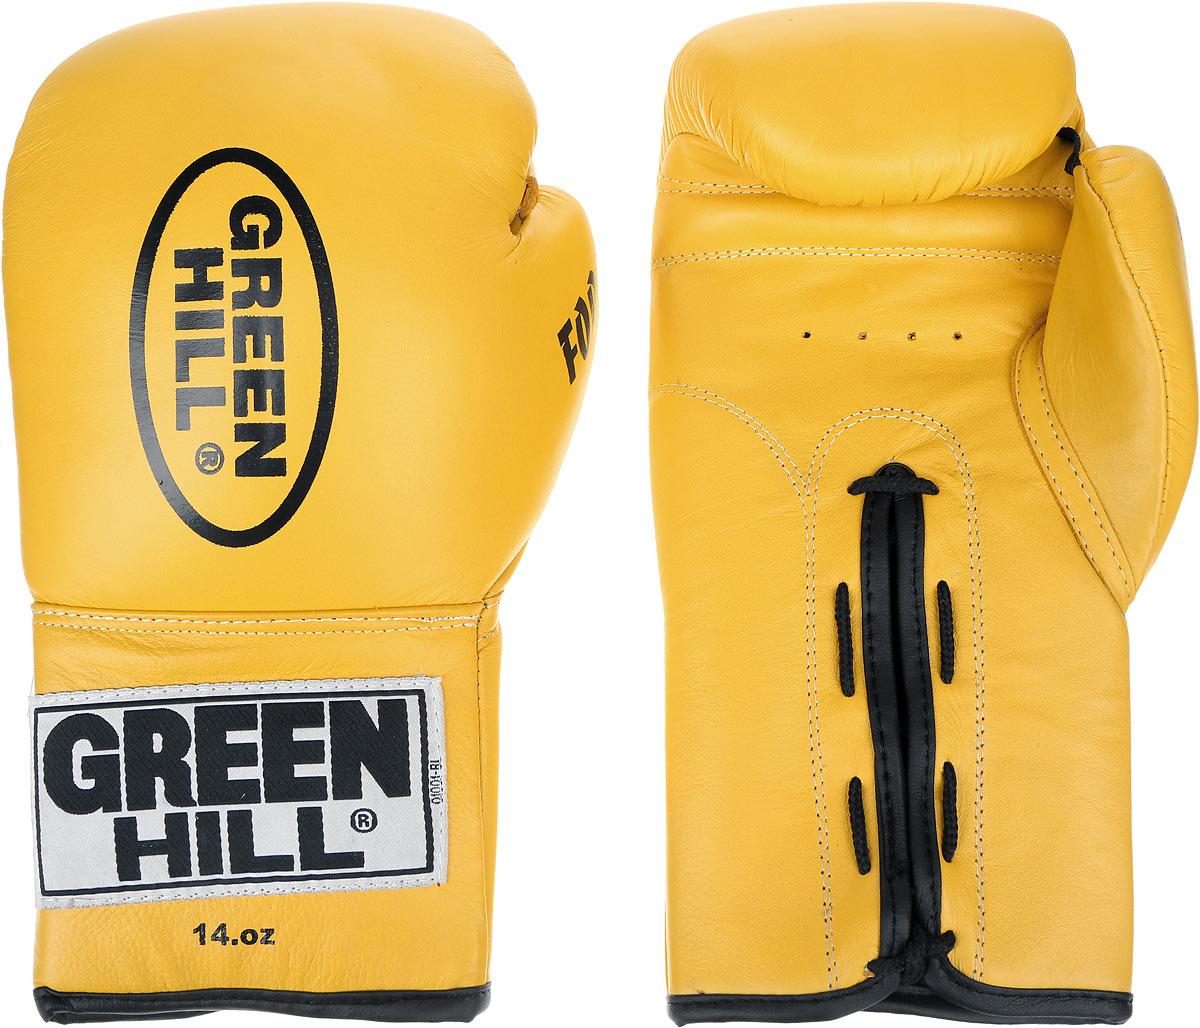 Перчатки боксерские Green Hill Force, цвет: желтый, черный. Вес 14 унций. BGF-1215BGF-1215Боксерские перчатки Green Hill Force предназначены для использования профессионалами и любителями. Верх выполнен из натуральной кожи, наполнитель - из вспененного полимера. Отверстия в области ладони позволяет создать максимально комфортный терморежим во время занятий. Манжет на шнуровке способствует быстрому и удобному надеванию перчаток, плотно фиксирует перчатки на руке.